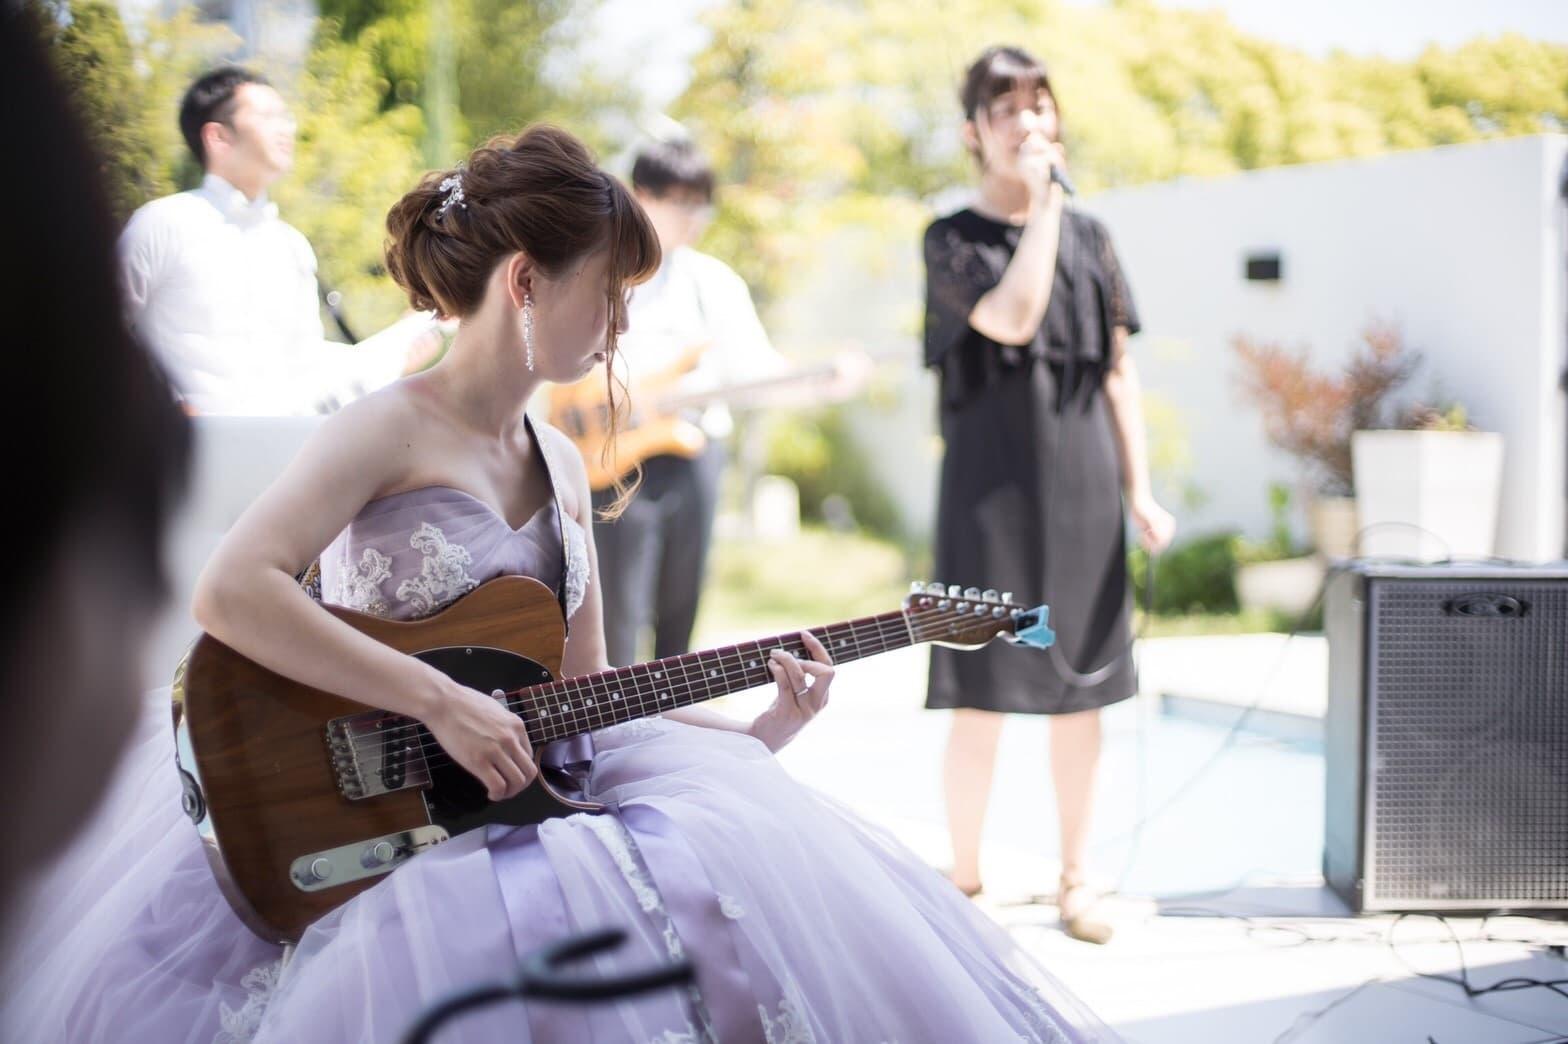 香川県高松市の結婚式場シェルエメール&アイスタイル 余興